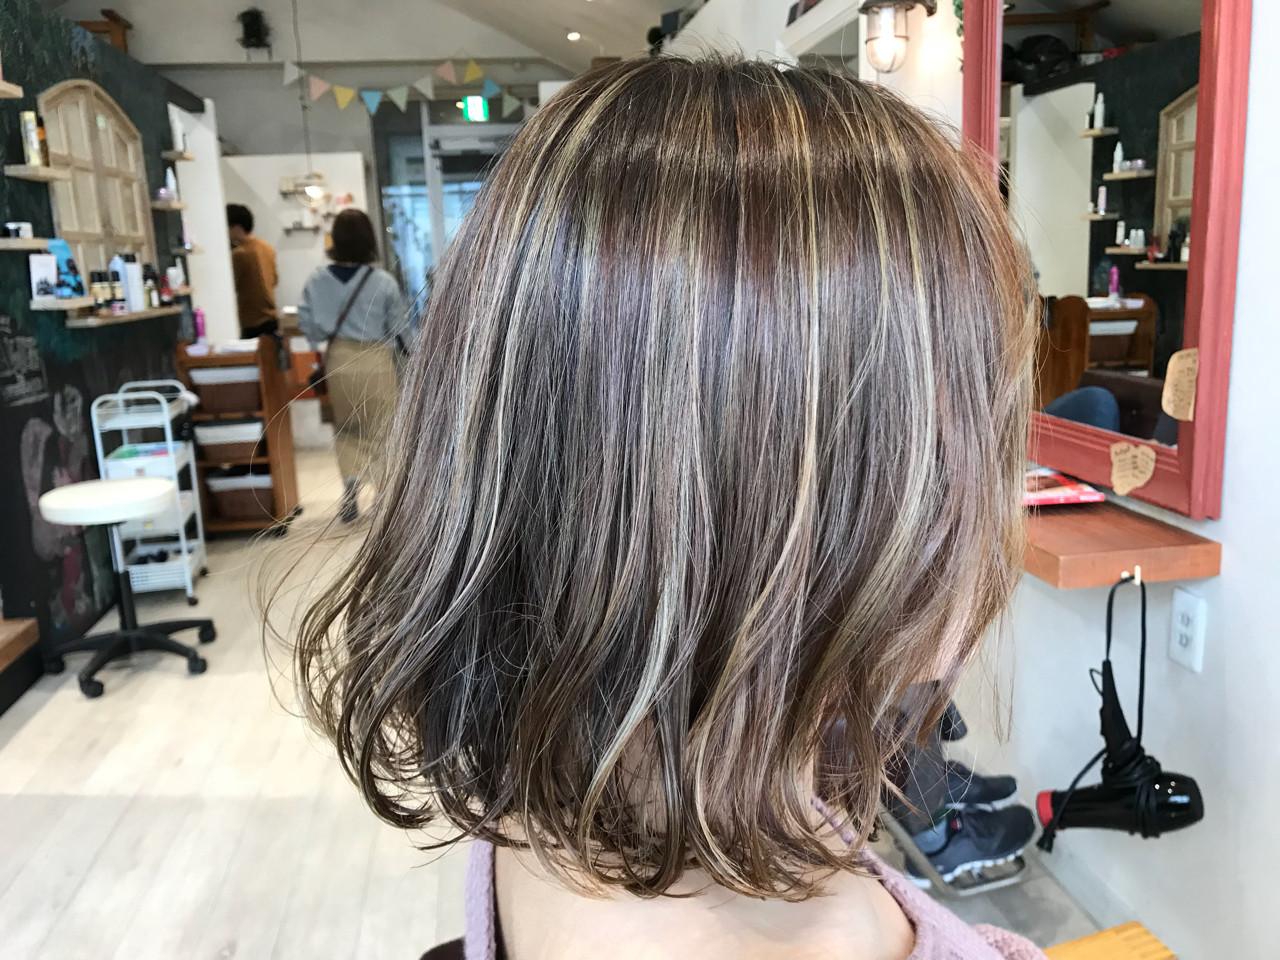 グレージュ バレイヤージュ アッシュグレージュ フェミニン ヘアスタイルや髪型の写真・画像